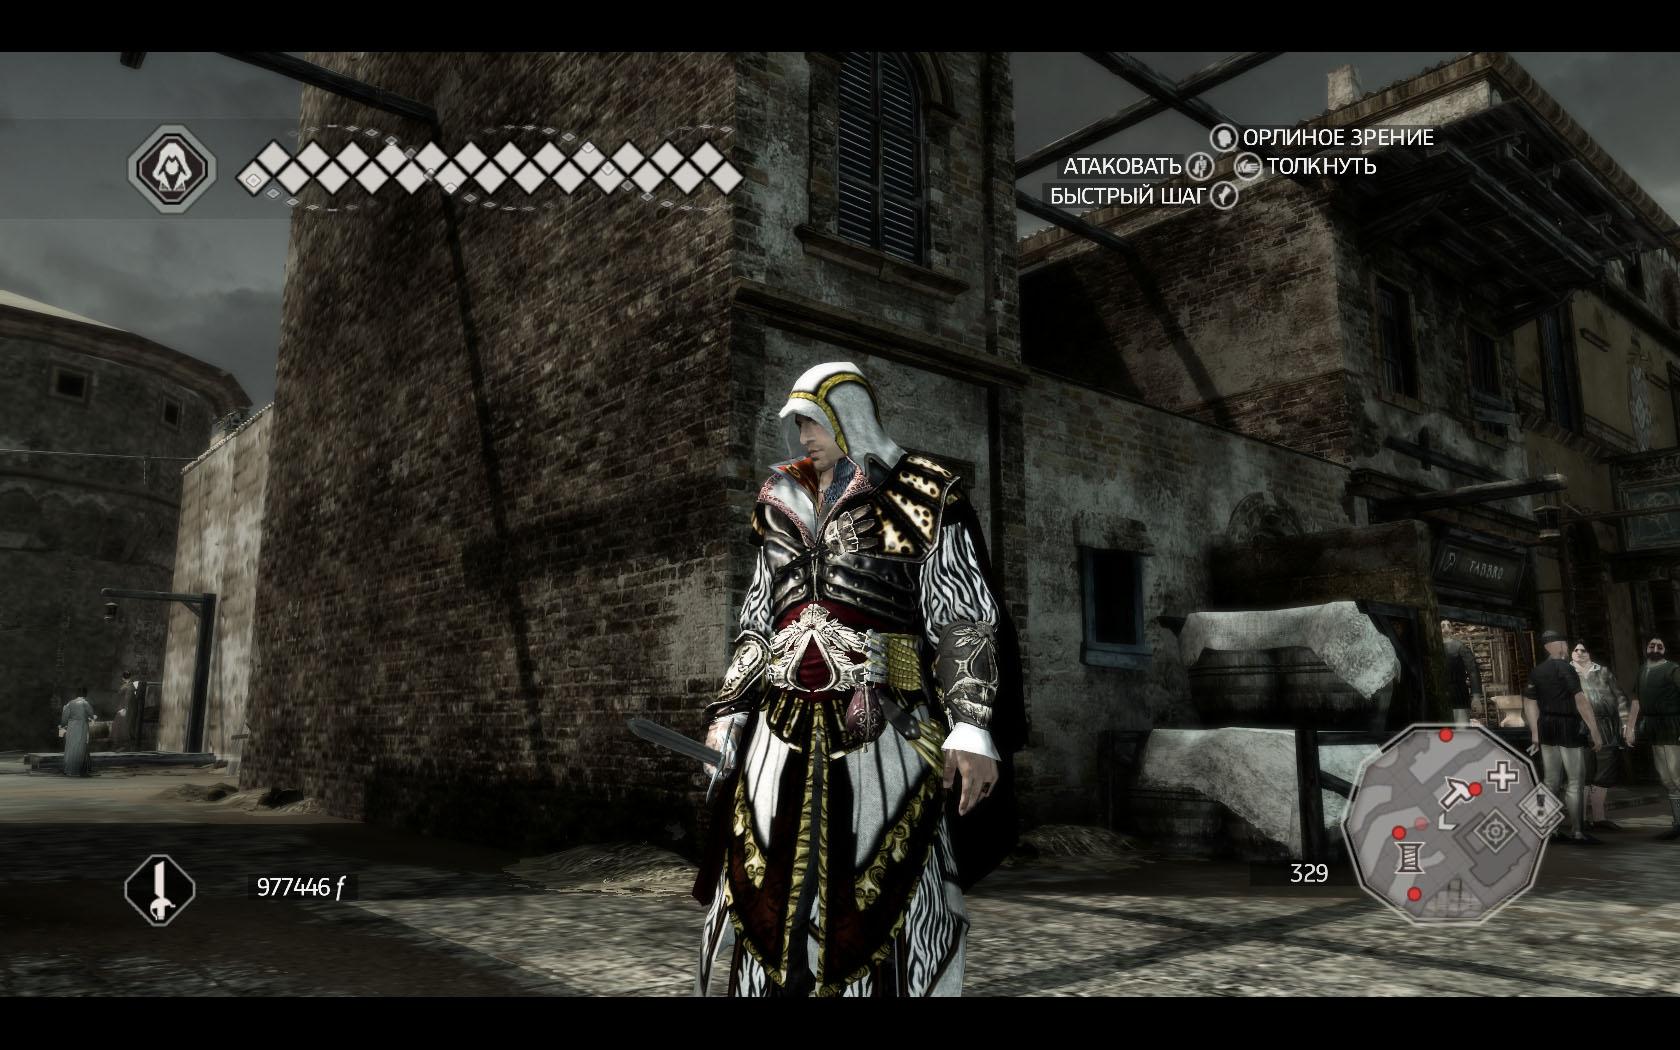 Скачать мод на assassins creed 2